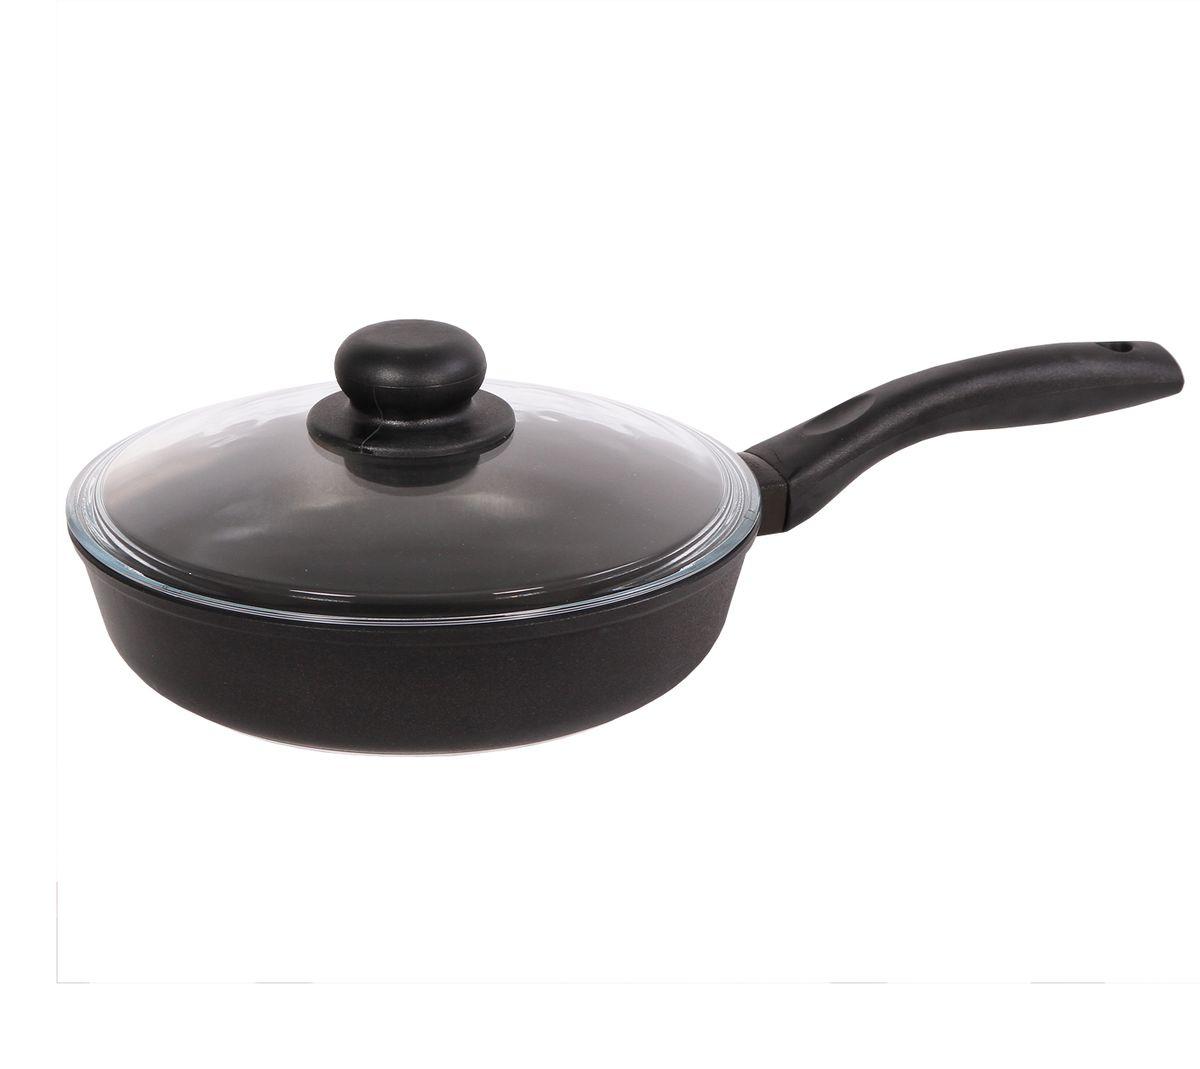 Сковорода Биол Классик с крышкой, с антипригарным покрытием. Диаметр 20 см2007ПССковорода Биол, выполненная из литого алюминия с утолщенным дном, оснащена удобной бакелитовой ручкой и стеклянной крышкой. Благодаря внутреннему антипригарному покрытию пища не пригорает и не прилипает к стенкам. Готовить можно с минимальным количеством масла и жиров. Гладкая поверхность обеспечивает легкость ухода за посудой. Посуда равномерно распределяет тепло и обладает высокой устойчивостью к деформации, легкая и практичная в эксплуатации. Подходит для использования на электрических, газовых и стеклокерамических плитах. Не подходит для индукционных плит. Можно мыть в посудомоечной машине. Диаметр сковороды: 20 см. Высота стенки: 4,6 см. Длина ручки: 15,5 см.